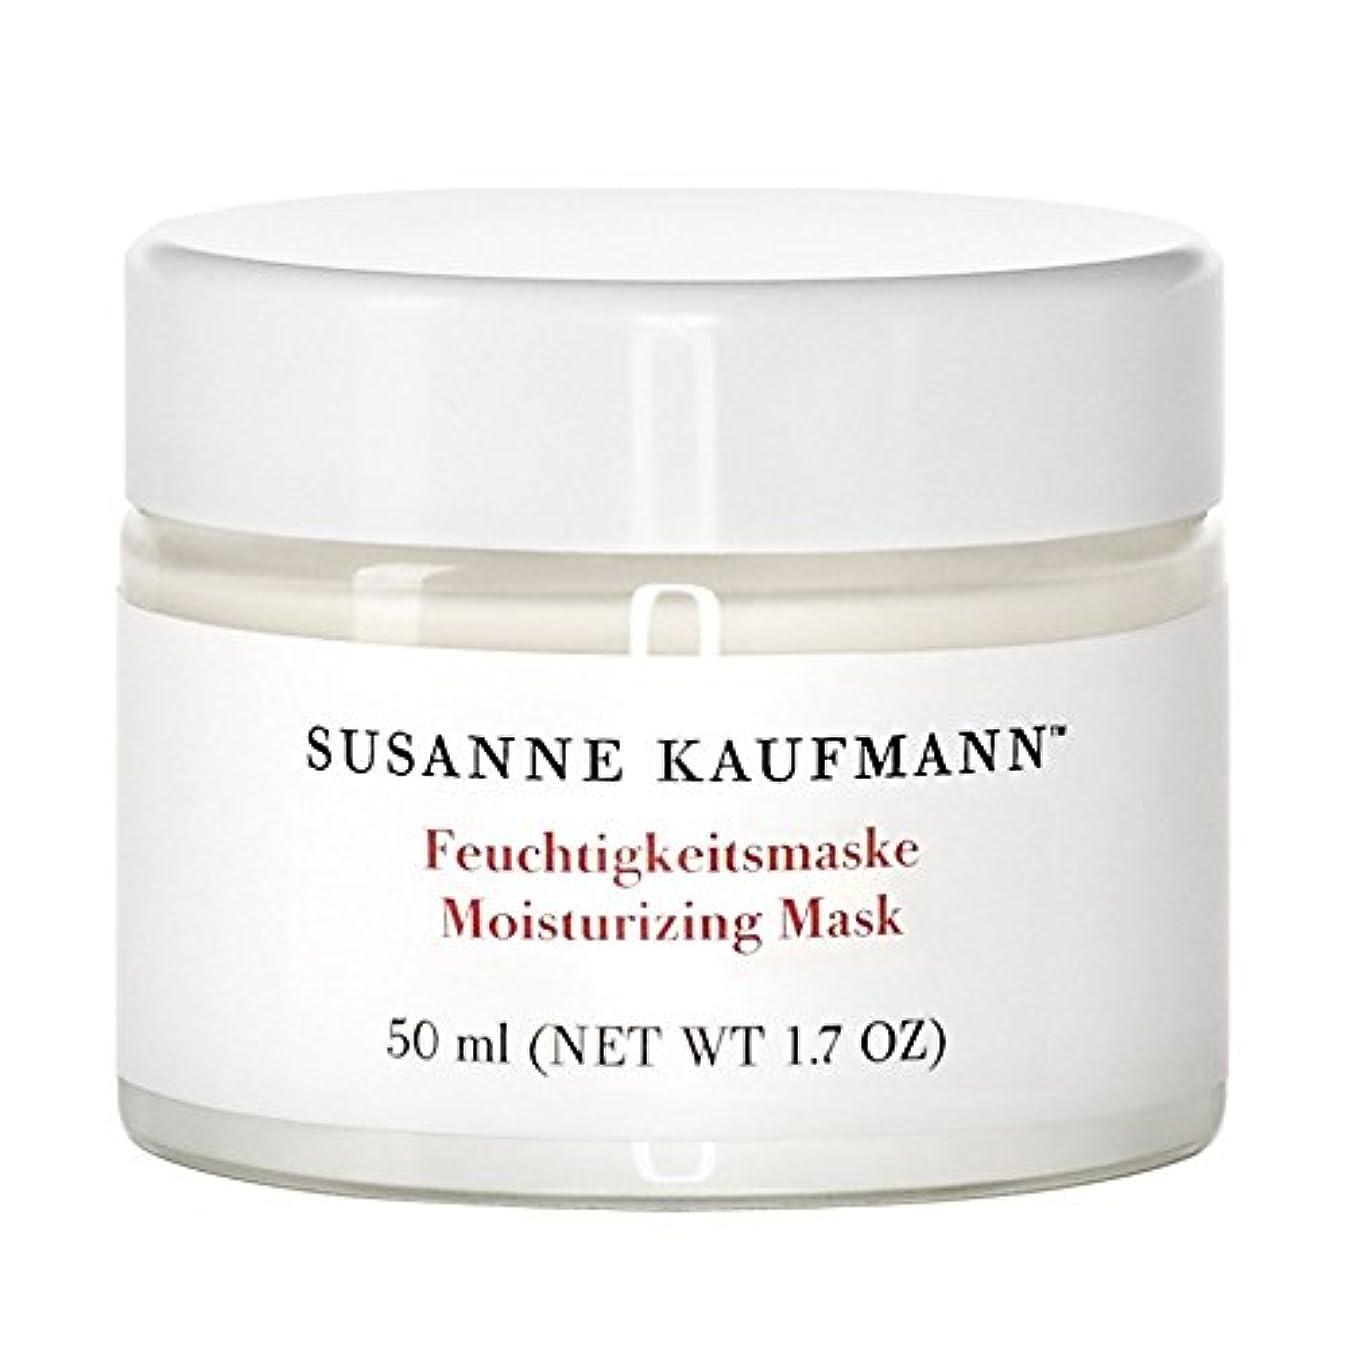 協会スナックダイヤルスザンヌカウフマン保湿マスク50ミリリットル x4 - Susanne Kaufmann Moisturising Mask 50ml (Pack of 4) [並行輸入品]